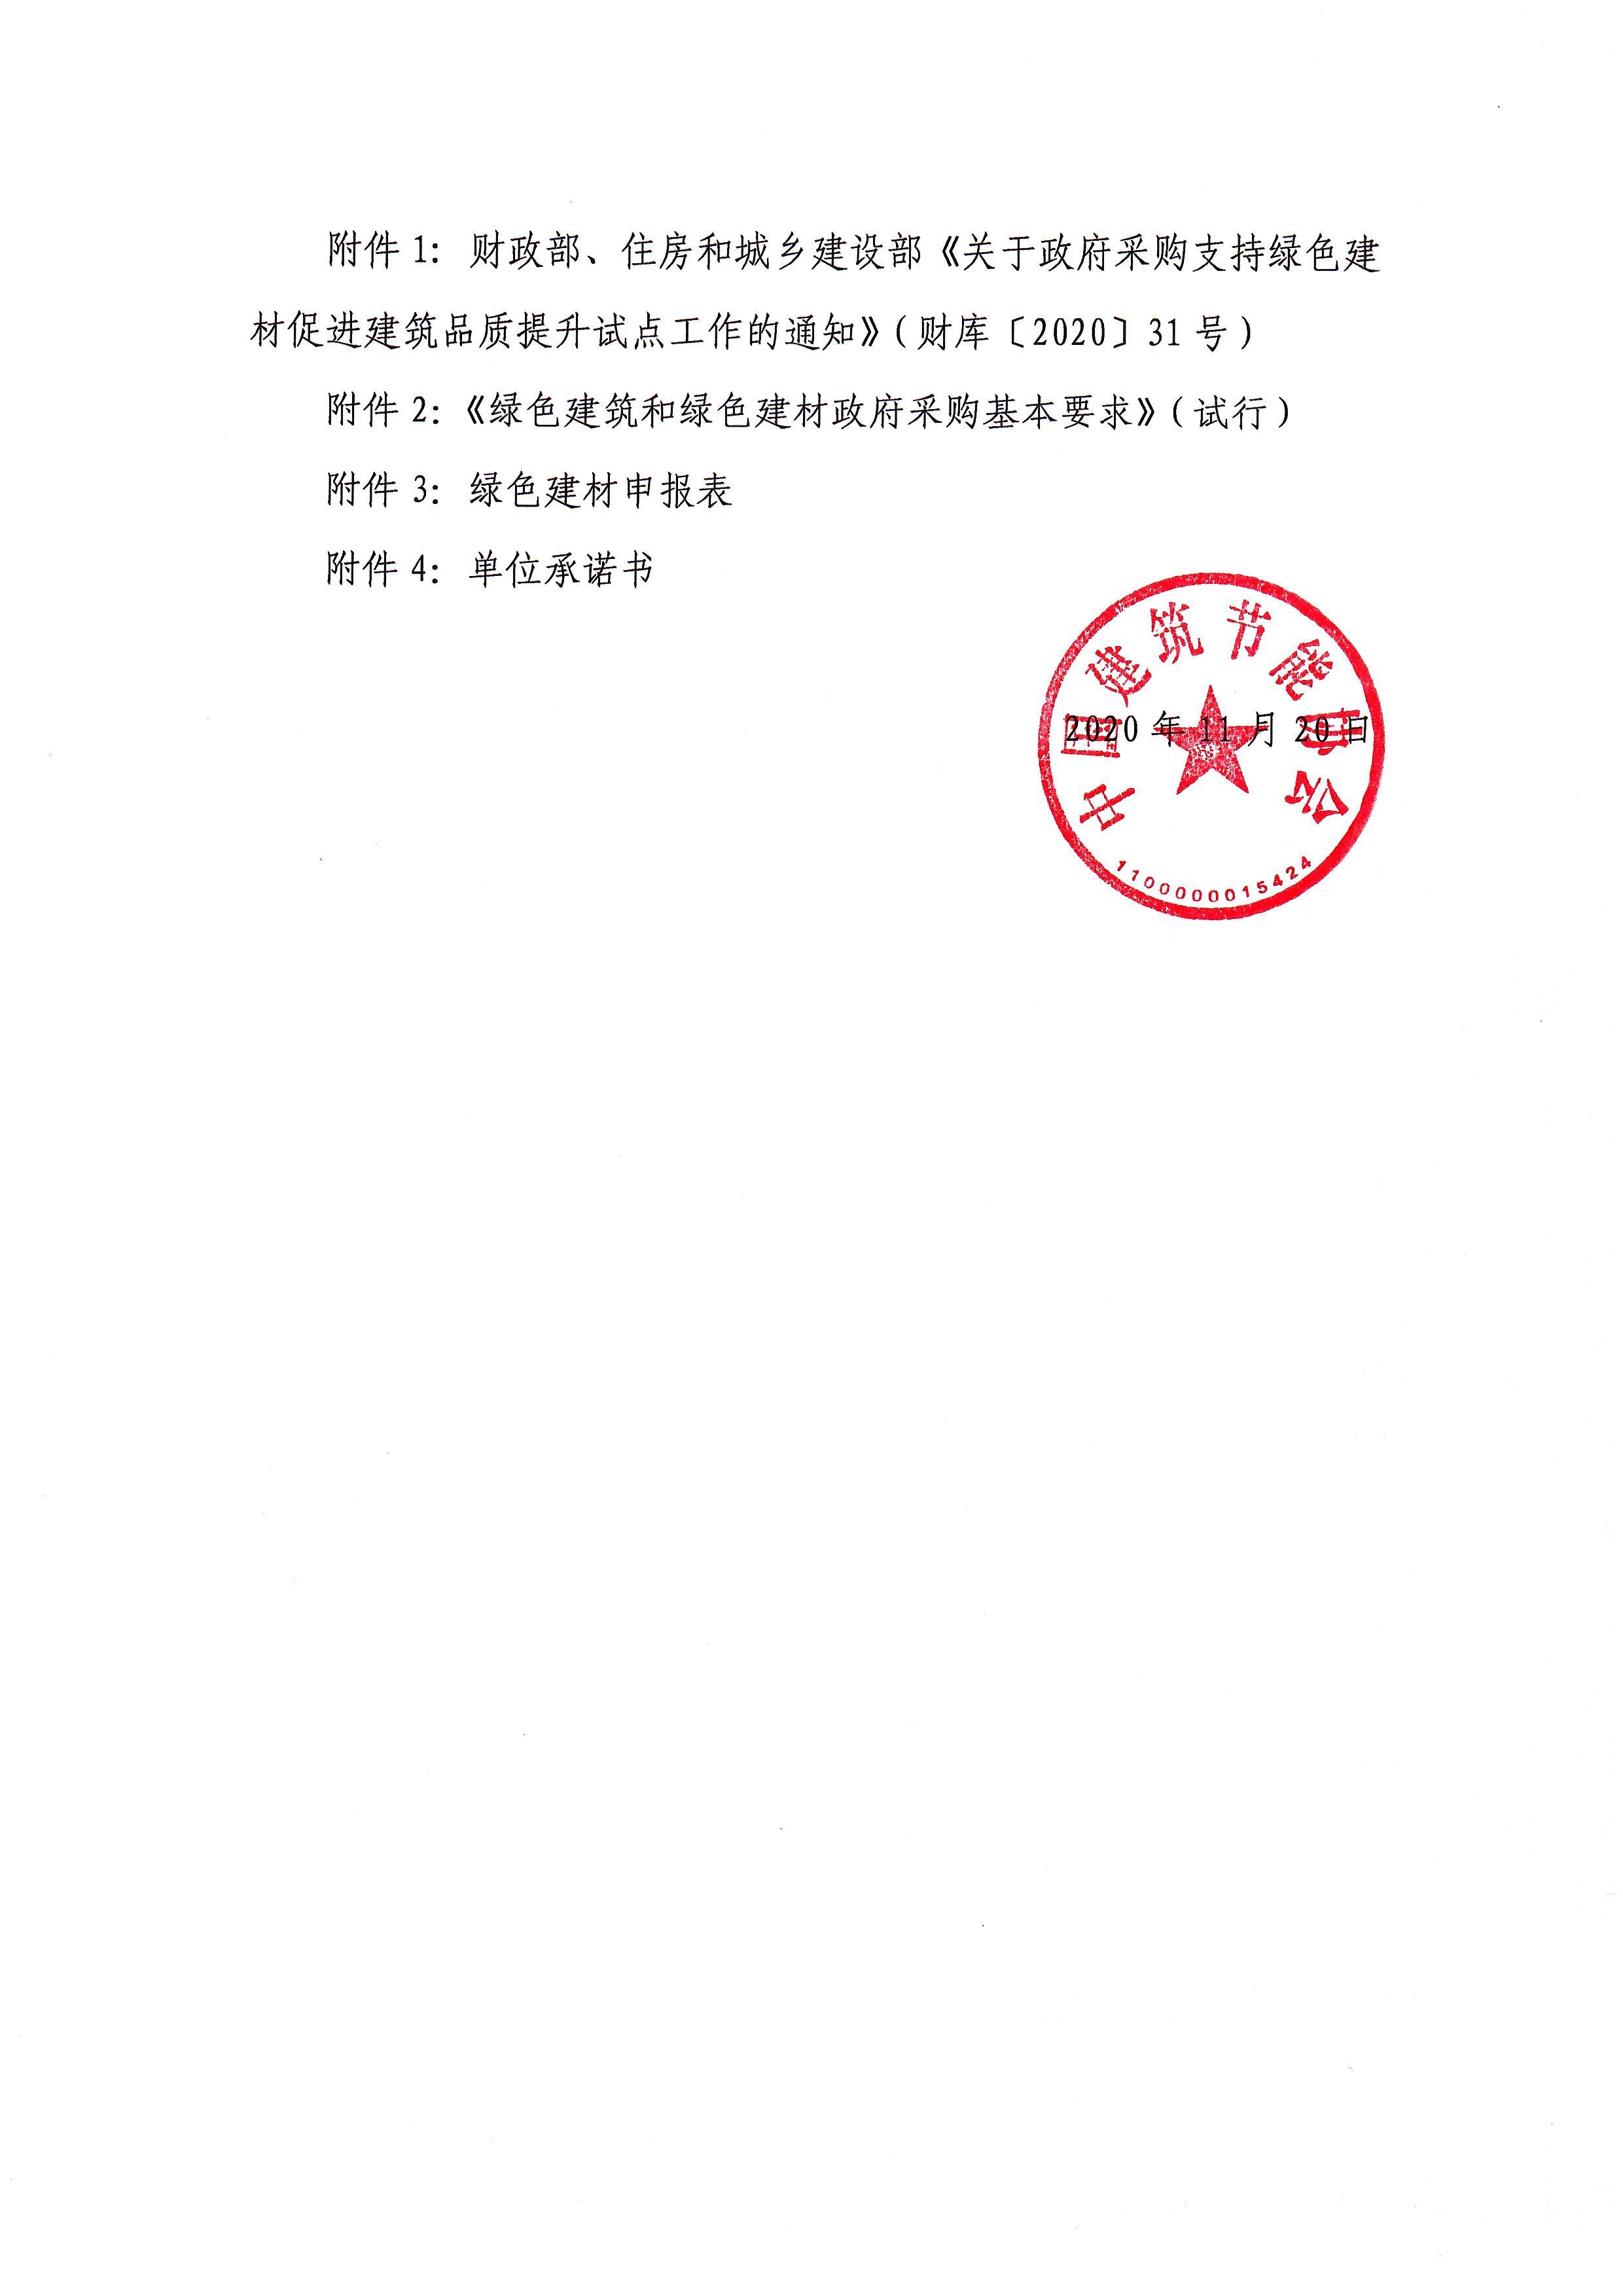 关于征集绿色建材的通知_页面_3.jpg